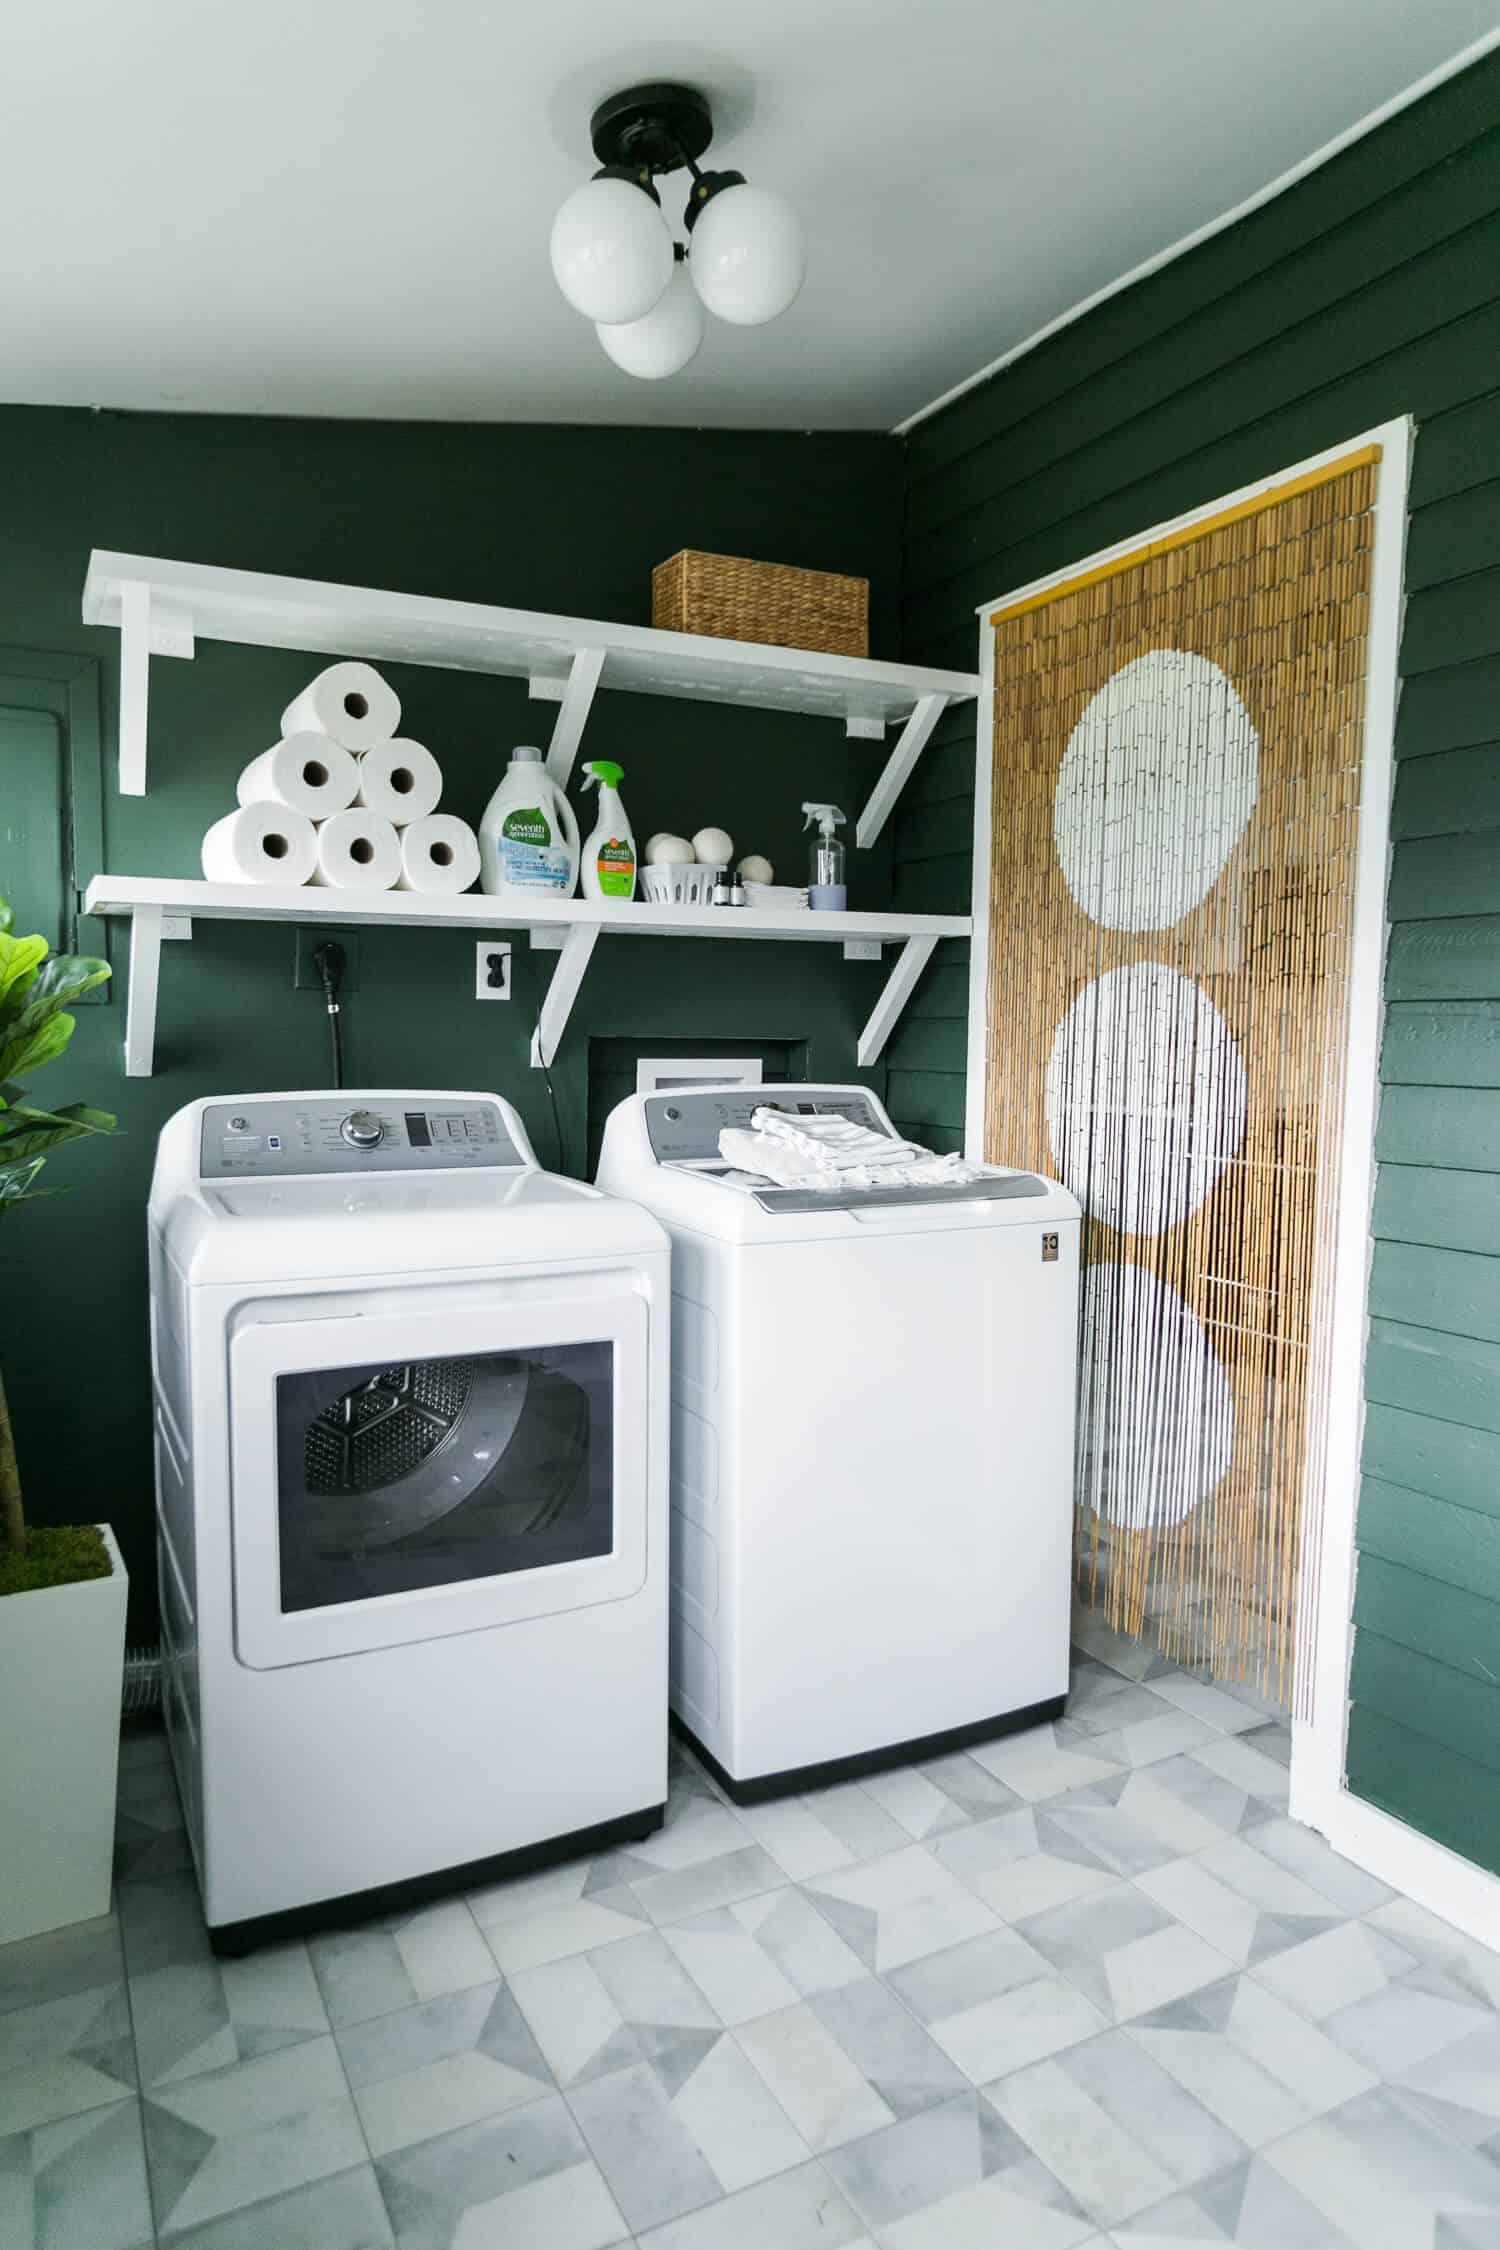 Erstellen Sie eine umweltfreundlichere Waschküchenroutine